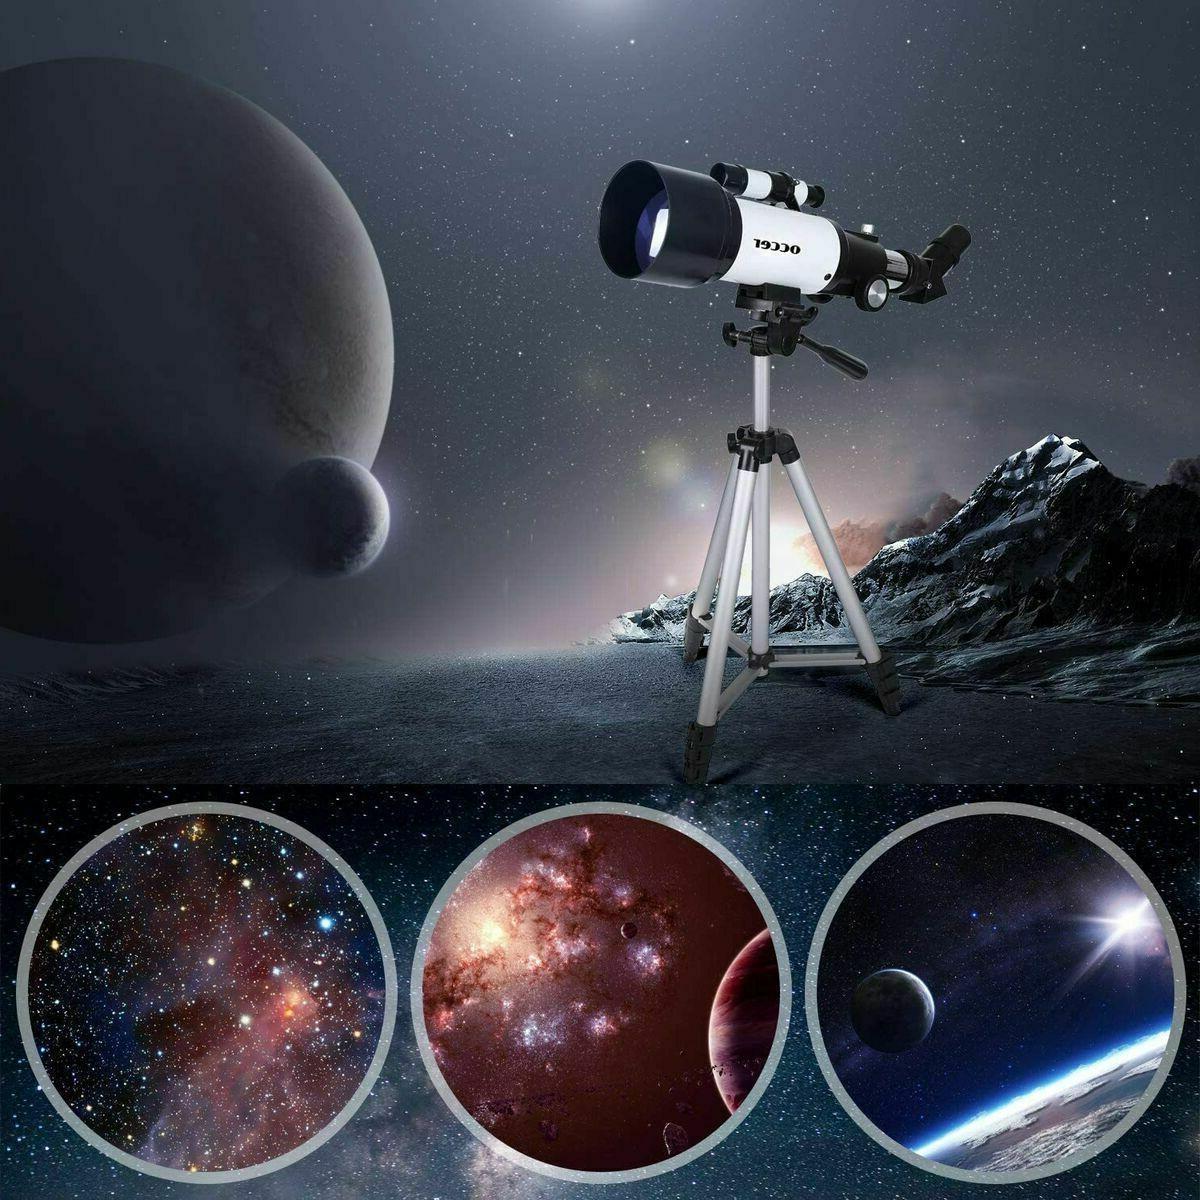 Occer Telescopes Kids Astronomy Beginners - 70mm